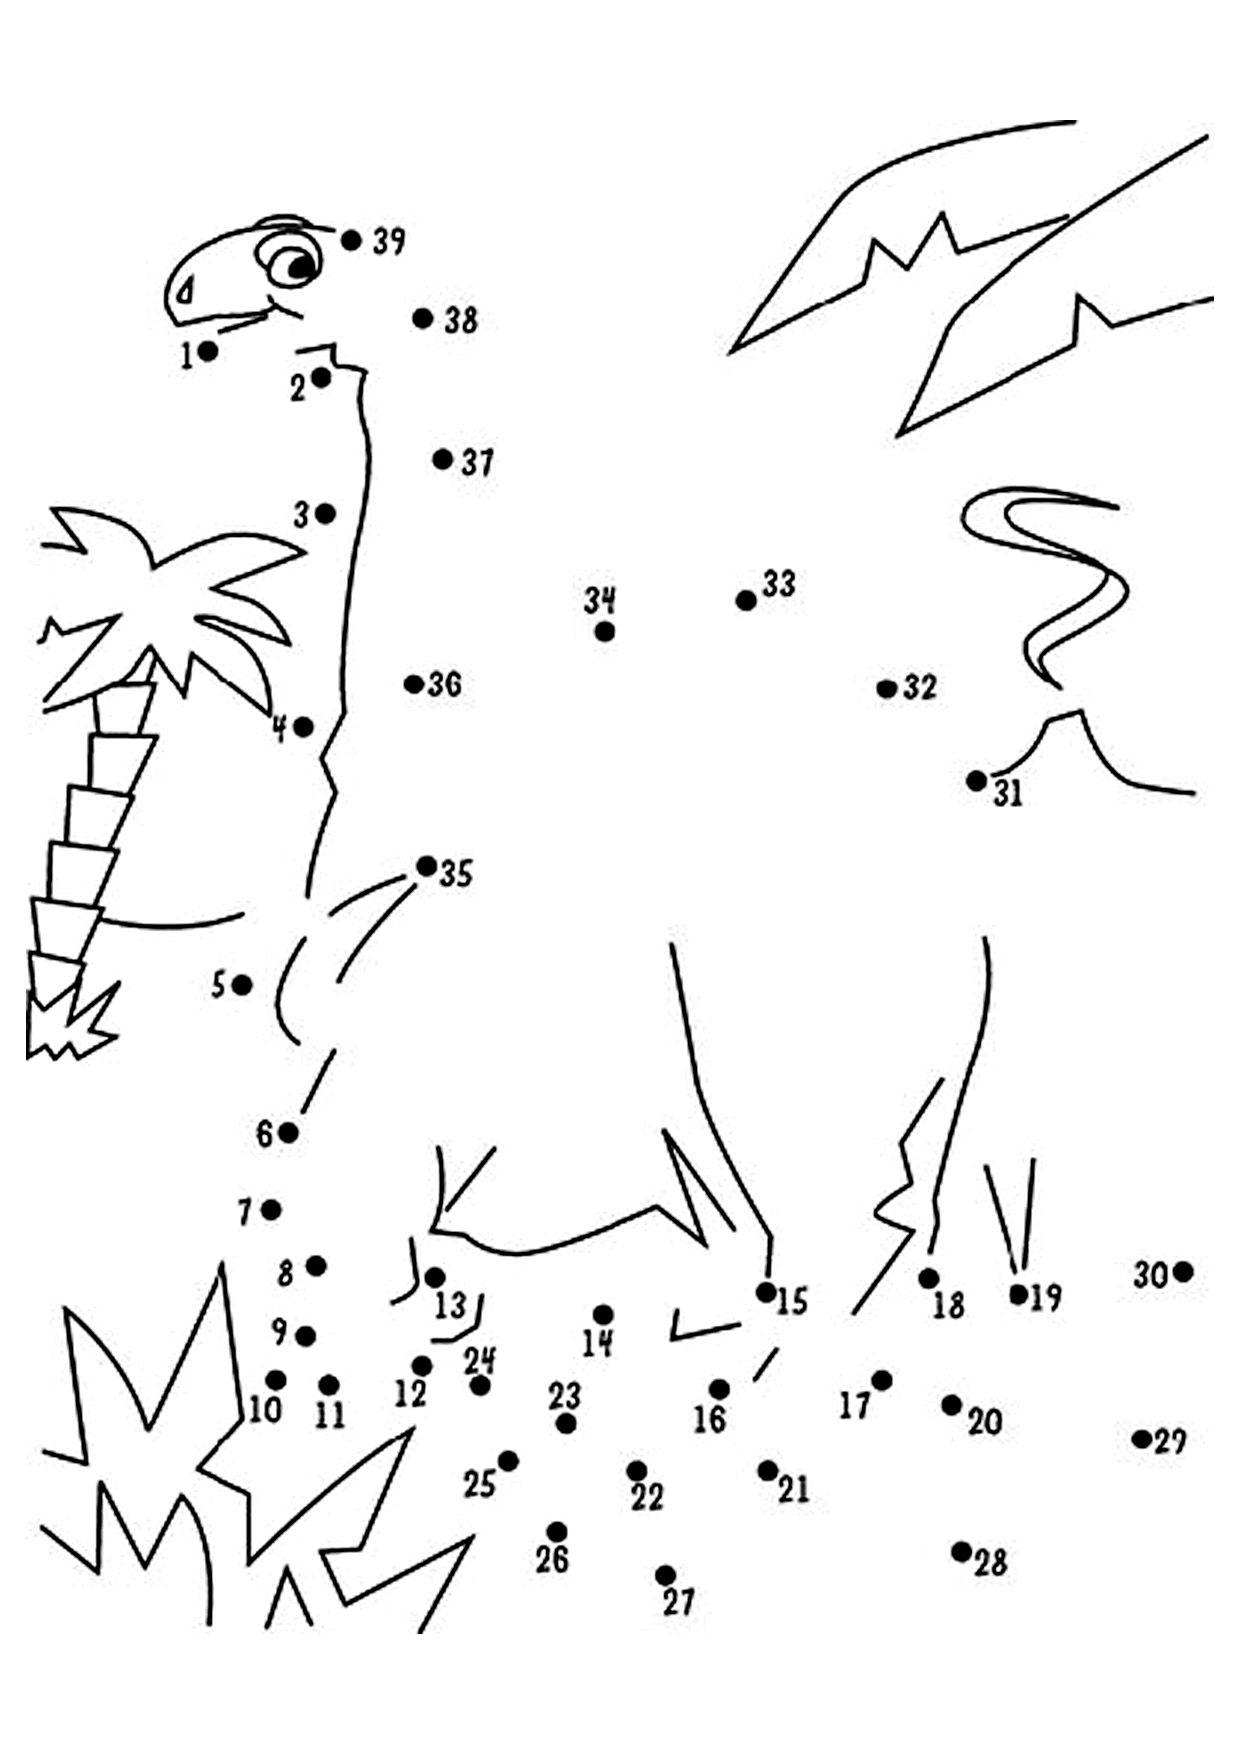 Malvorlagen Fur Kinder Malen Nach Zahlen Kostenlos Ausmalbilder Herunterladen Kostenlose Ausmalbilder Malen Nach Zahlen Kostenlos Malen Nach Zahlen Kinder